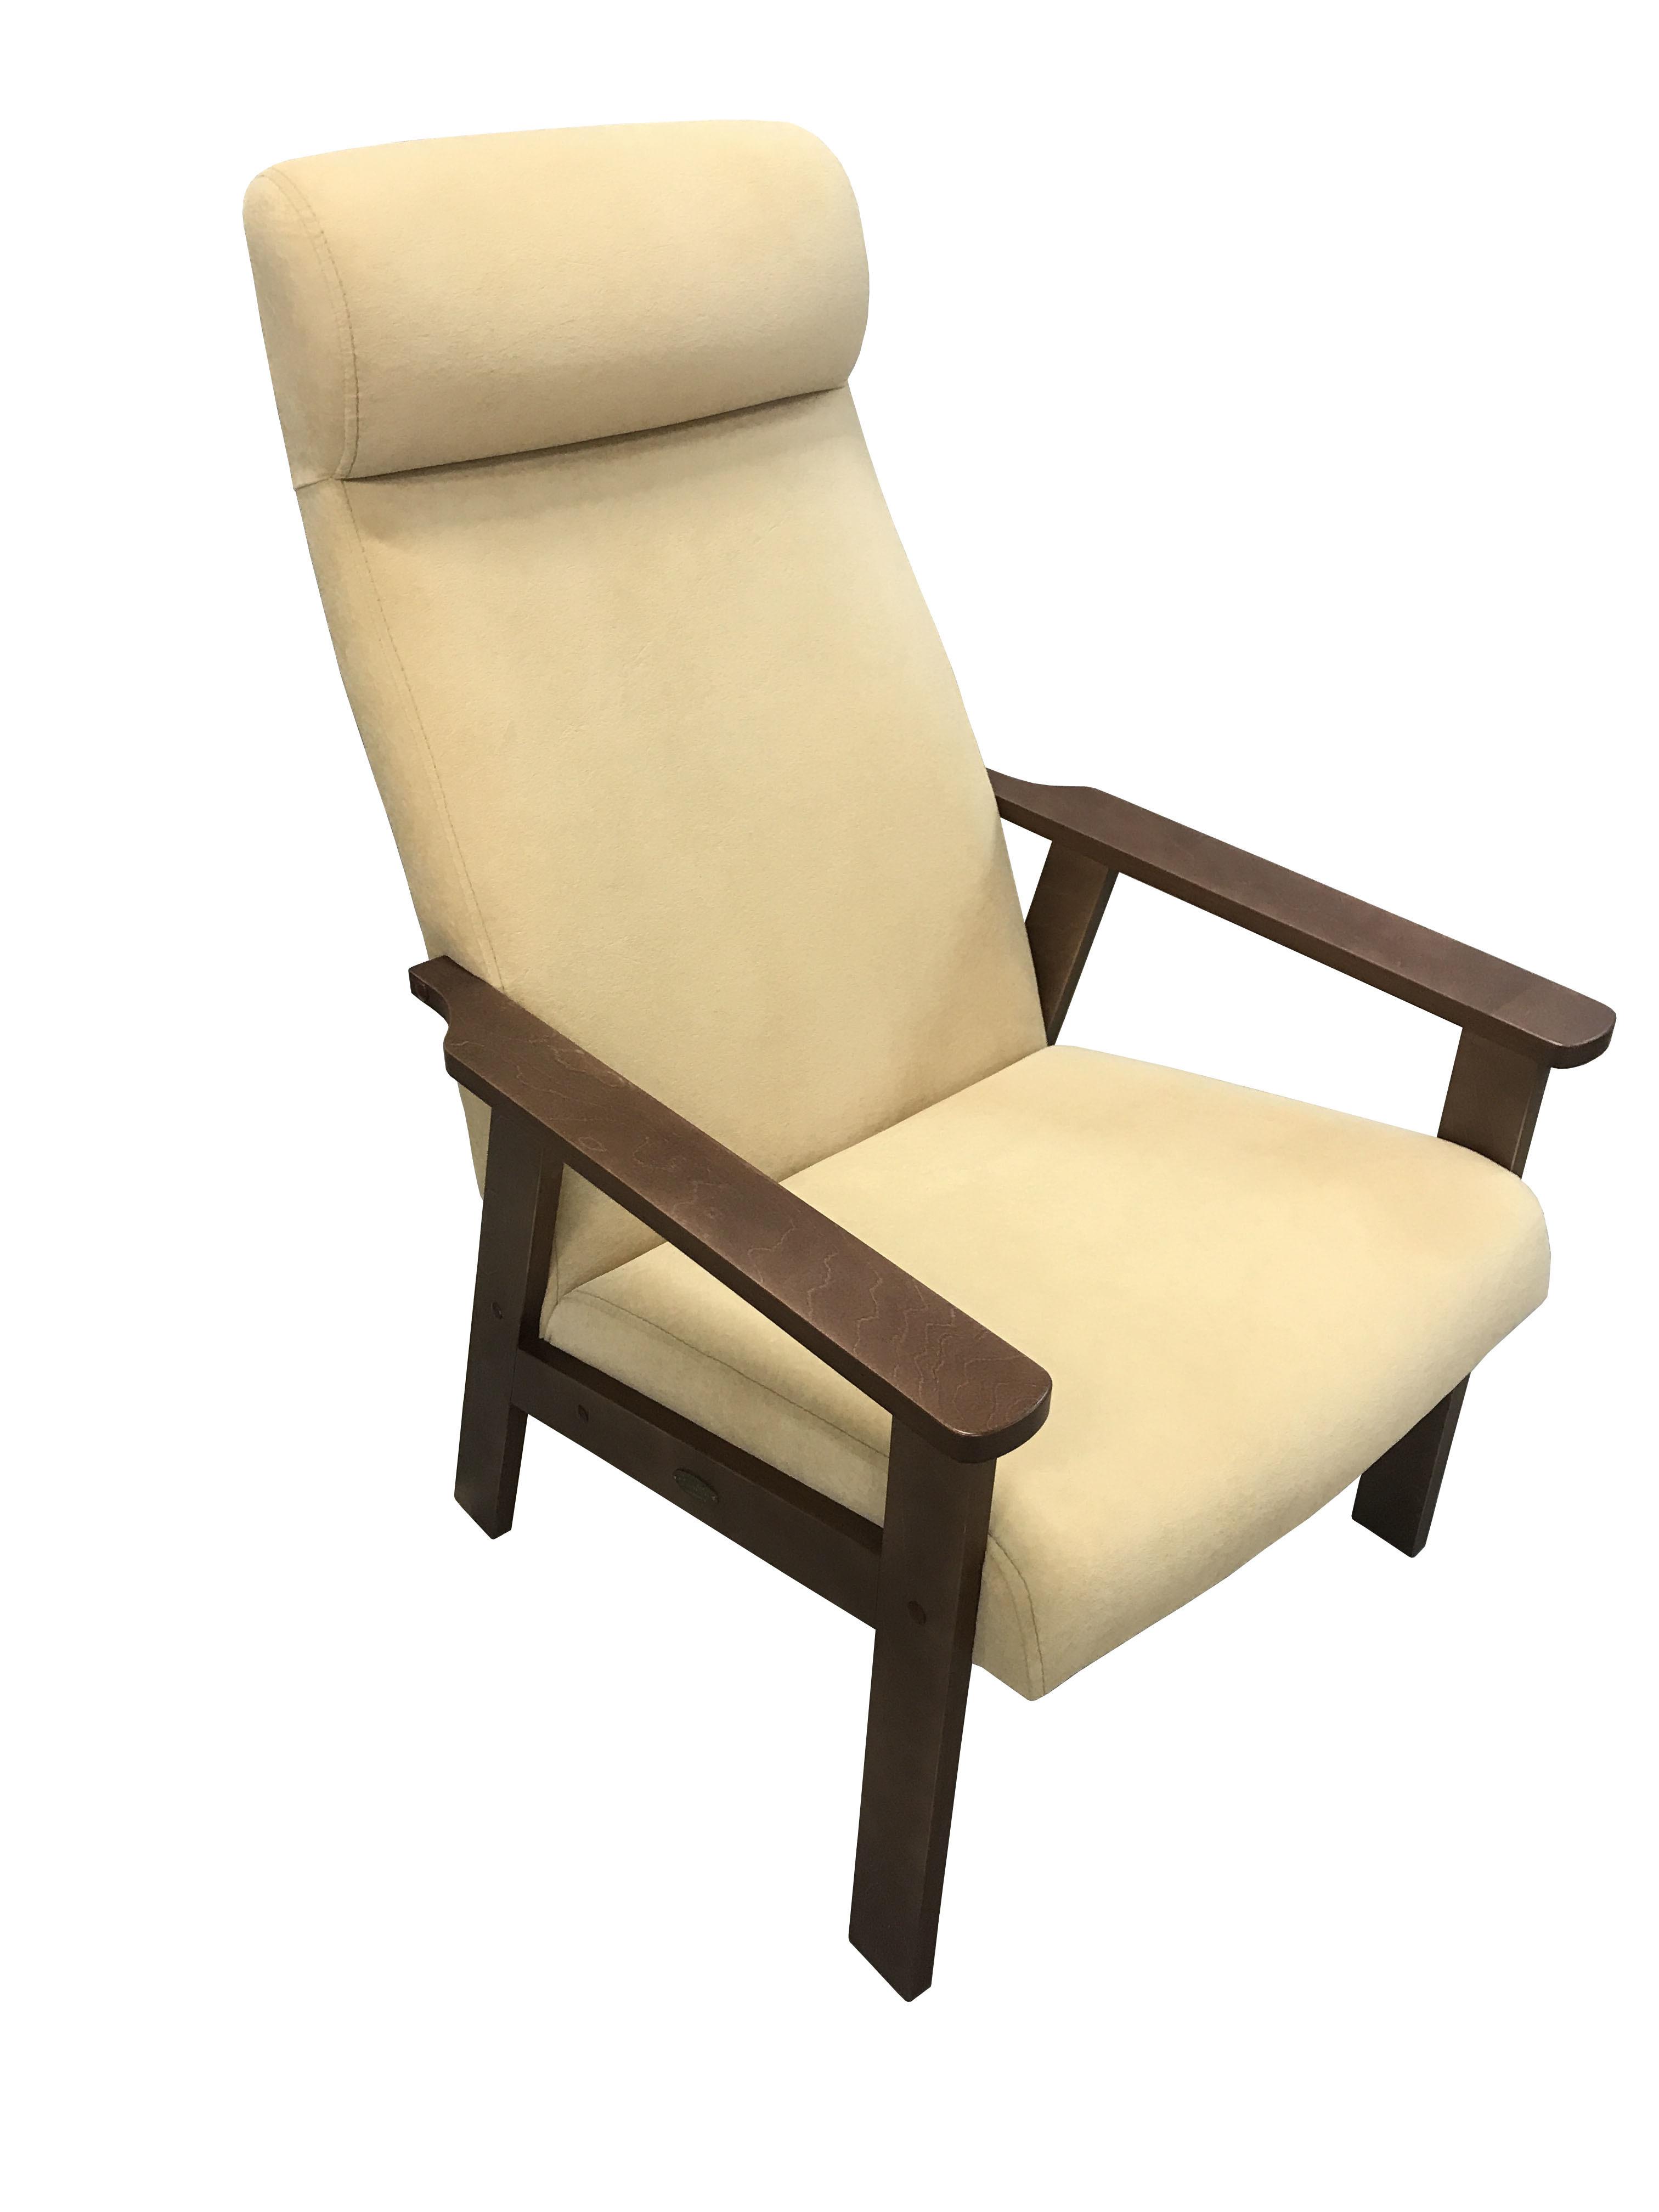 Кресло для отдыха Вилора, Орех, Bolero silk bone мягкие кресла